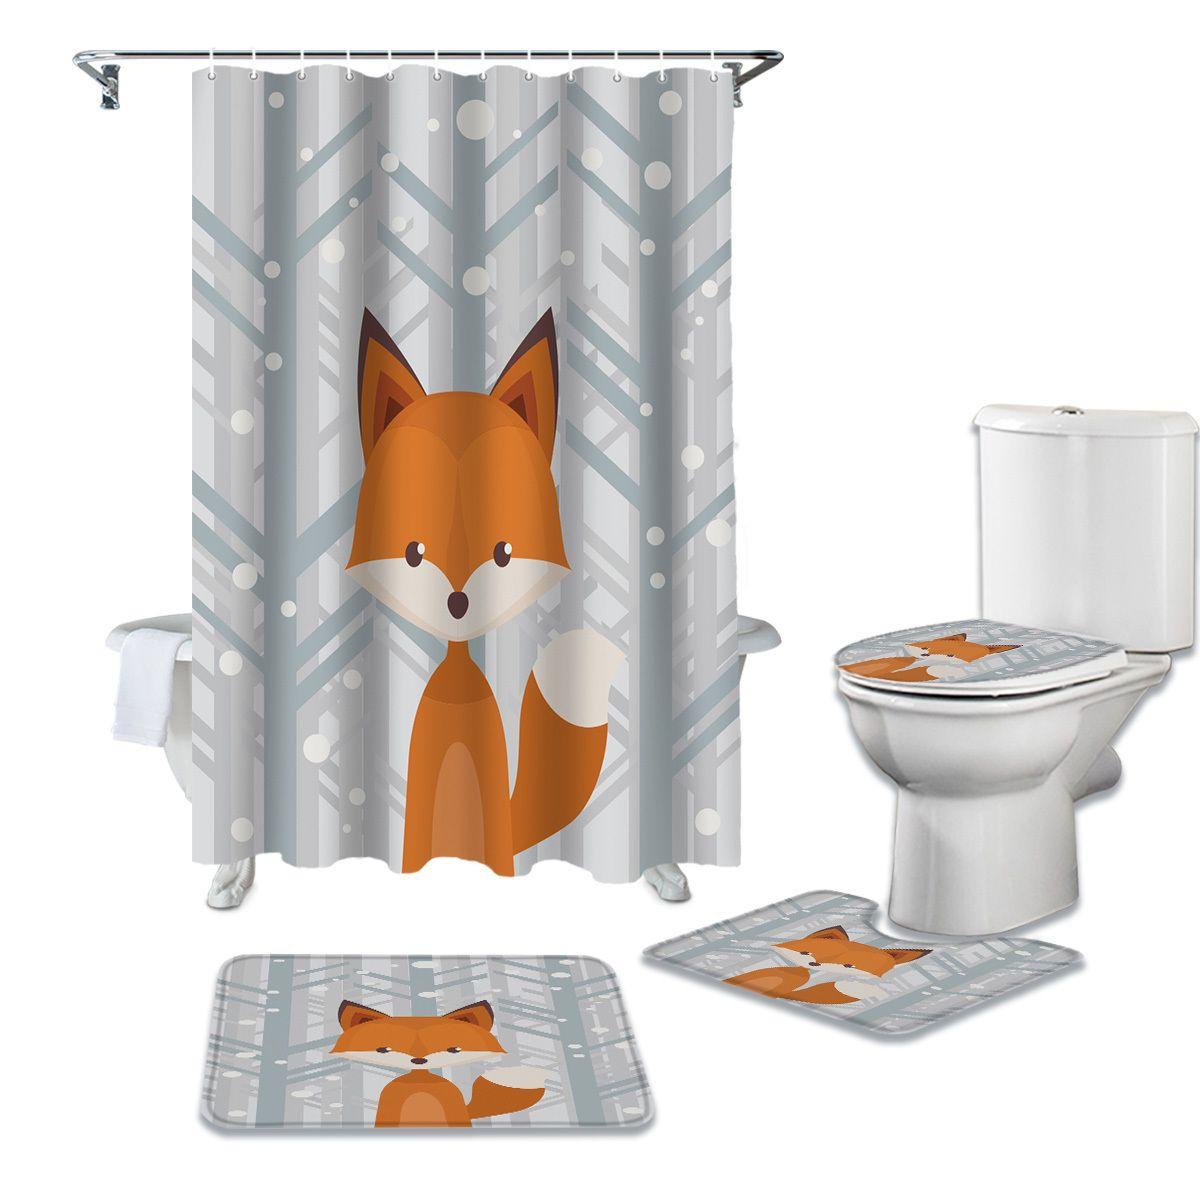 Wood Woods Fox Tapis à rideau de douche étanche Set Tapis de bain antidérapants Toliet Toliet Housse de bain Rideaux de douche Q0121